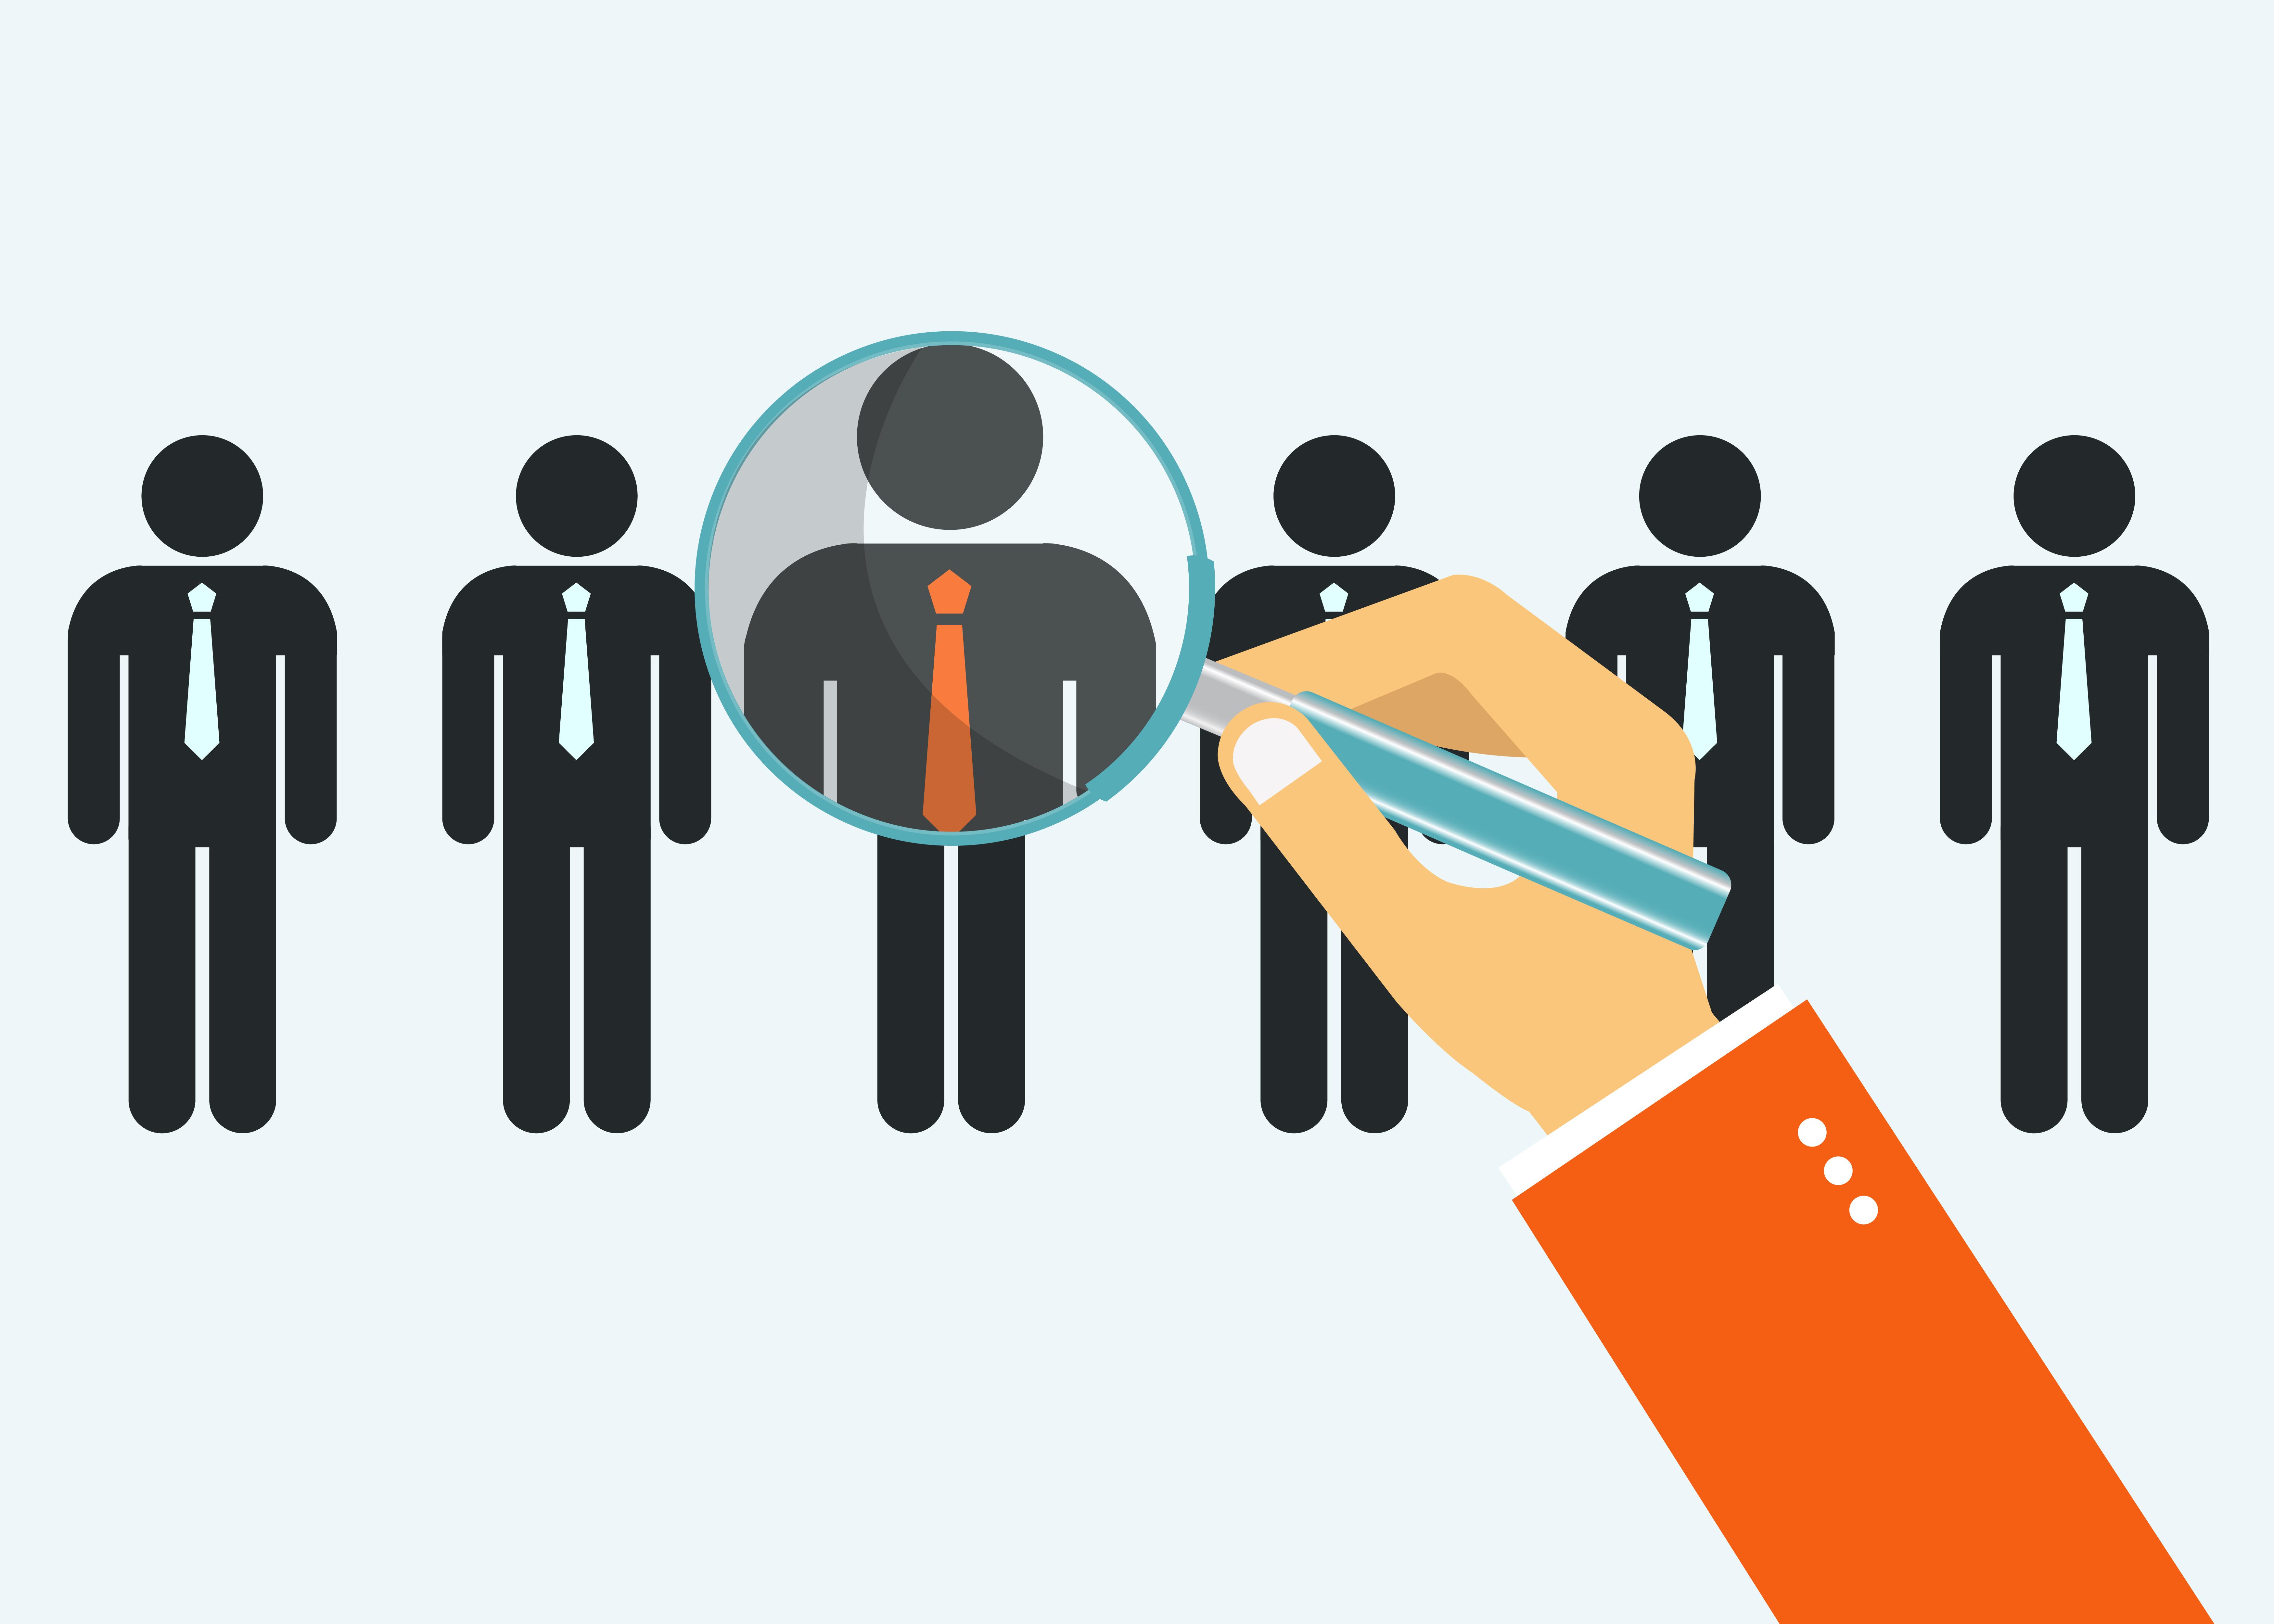 Entrevista estructurada: qué es, cómo hacerla y sus principales ventajas